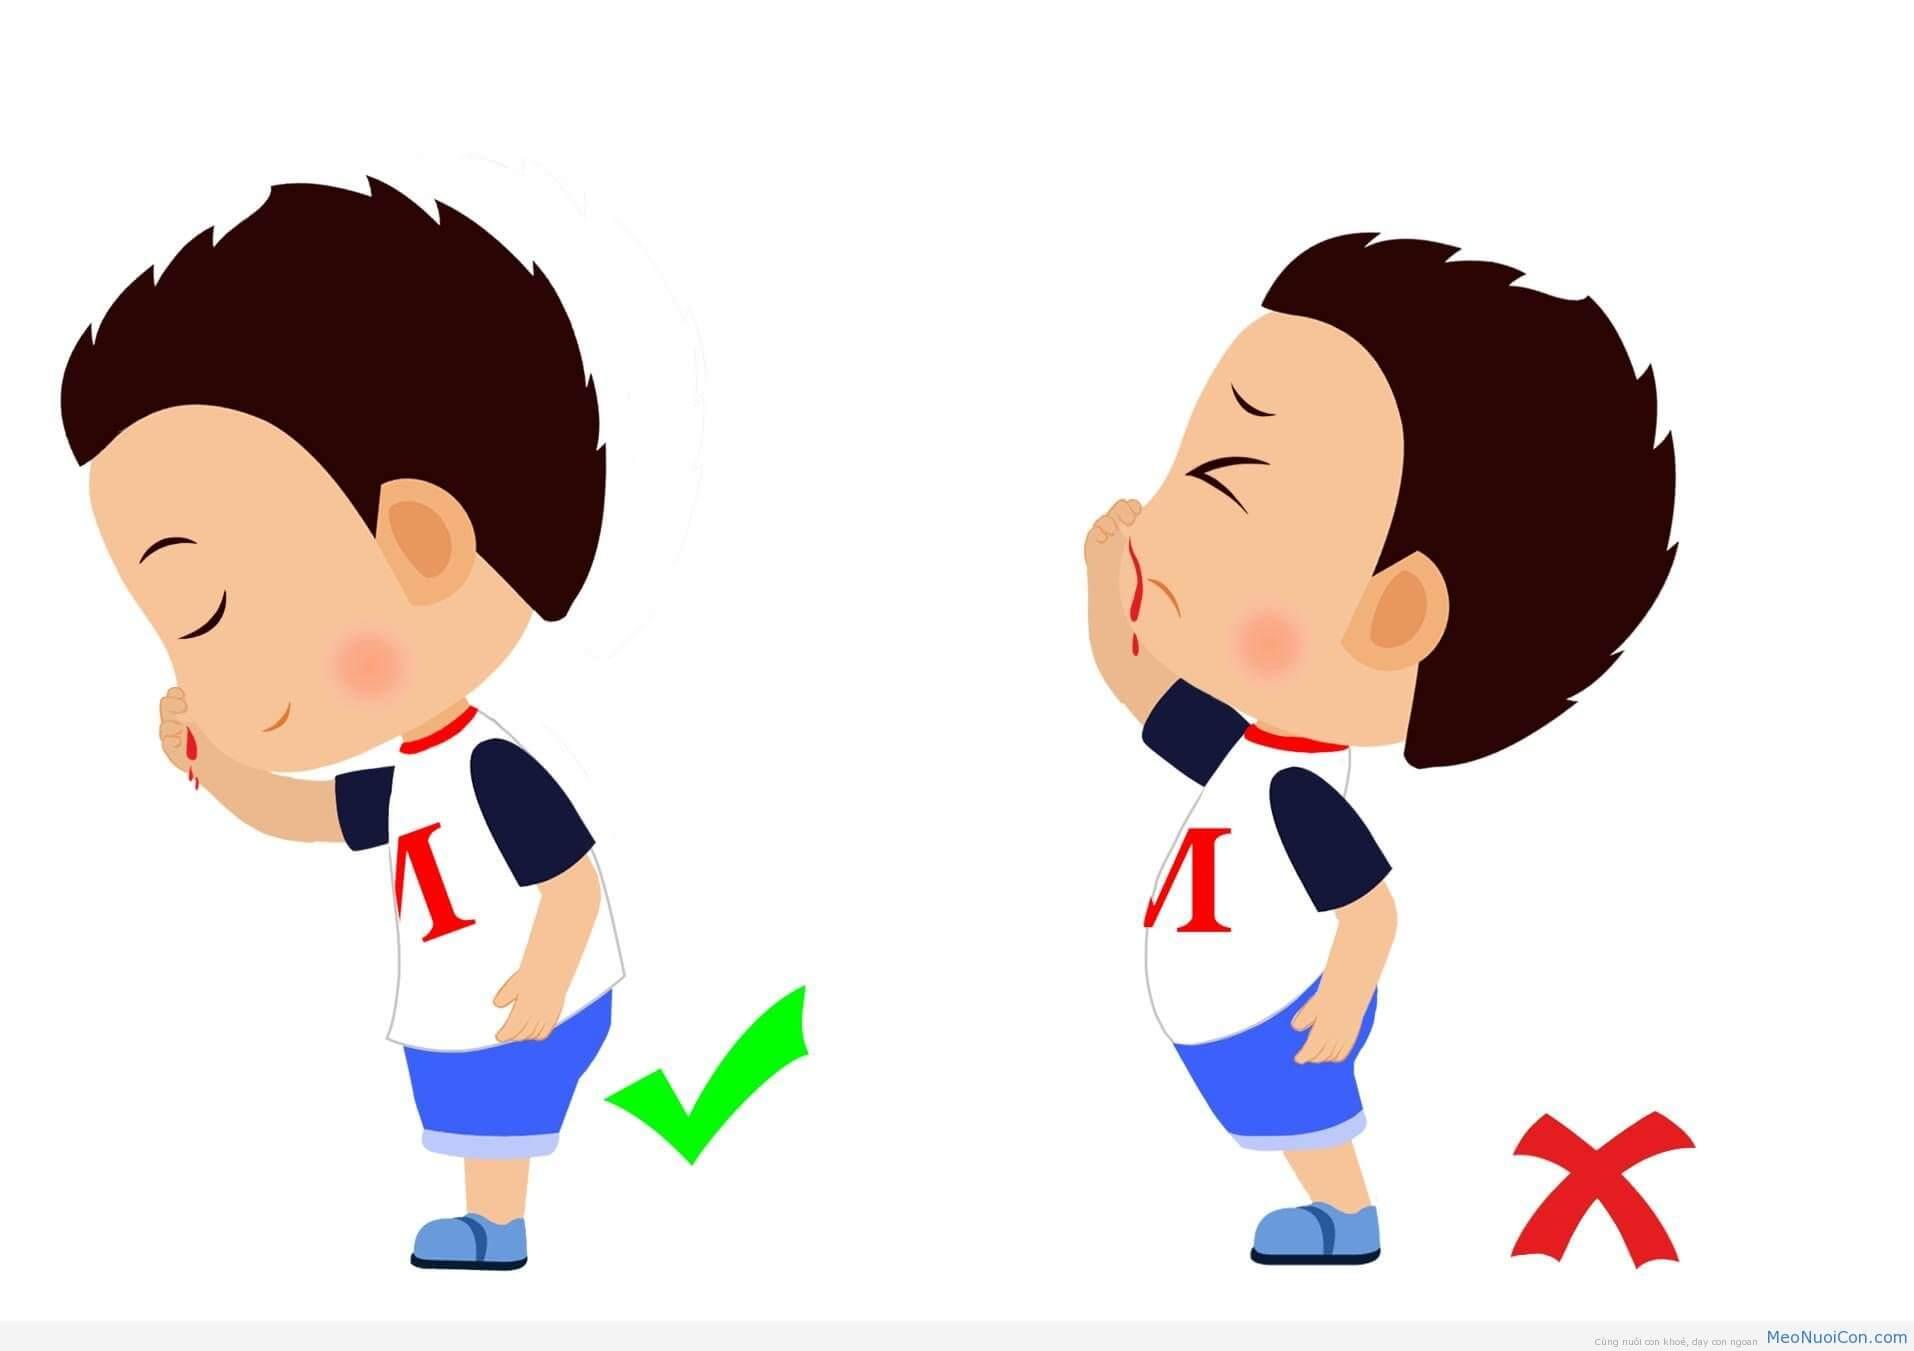 Đặt trẻ đúng tư thế để cầm máu hiệu quả